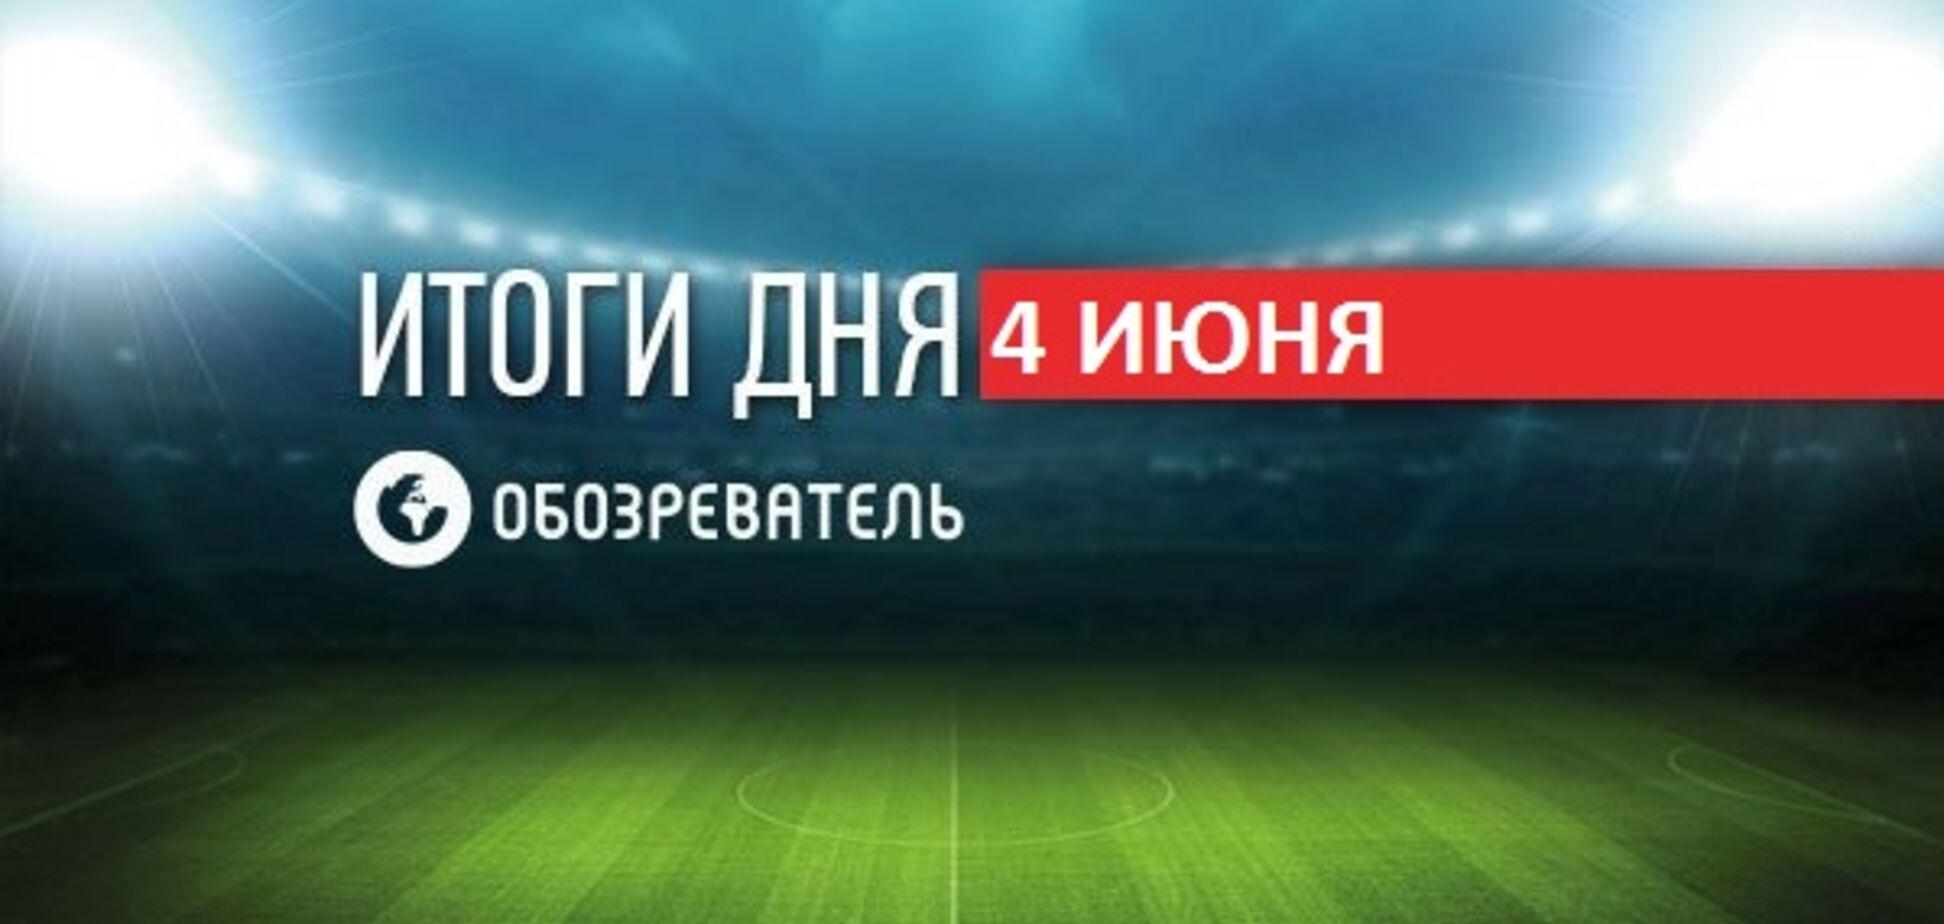 Соловйов показав тактику безконтактного бою: спортивні підсумки 4 червня